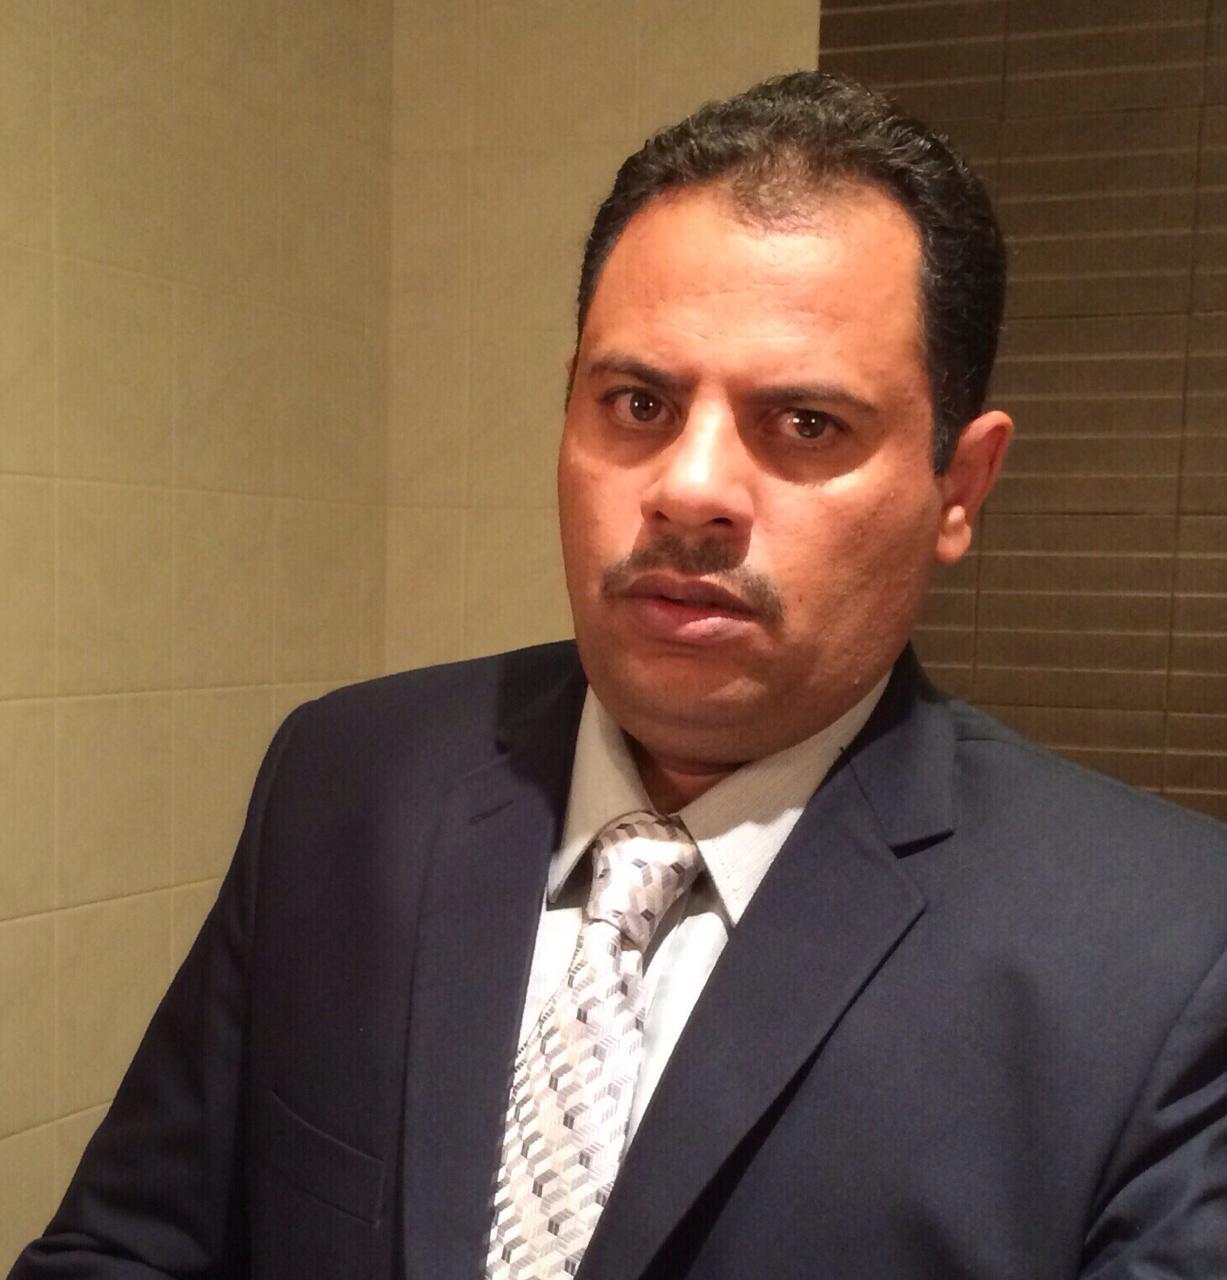 عضو اللجنة التحضيرية للتحالف السياسي للأحزاب والمكونات السياسية اليمنية لـ «26سبتمبر»:   نحن أمام معركة مصيرية يكون لنا فيها وطن أو لا يكون